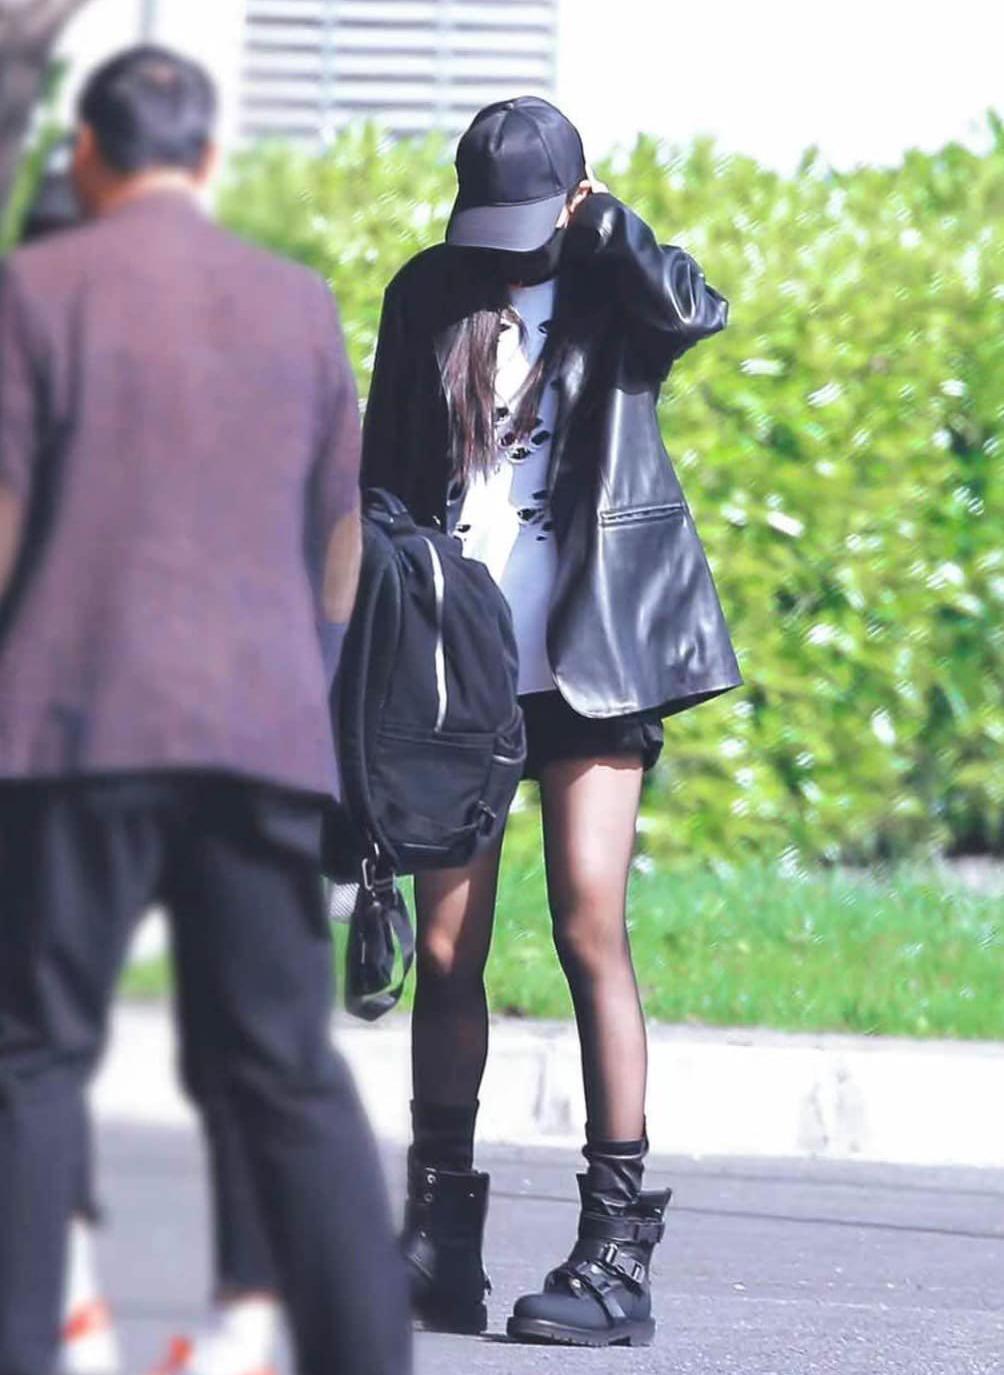 Kết hợp cùng blazer, nàng Hoa đán thường chọn những kiểu phụ kiện như túi đeo chéo nhỏ xinh, mũ lưỡi trai hay boots hầm hố nhằm tăng độ cá tính, trẻ trung.